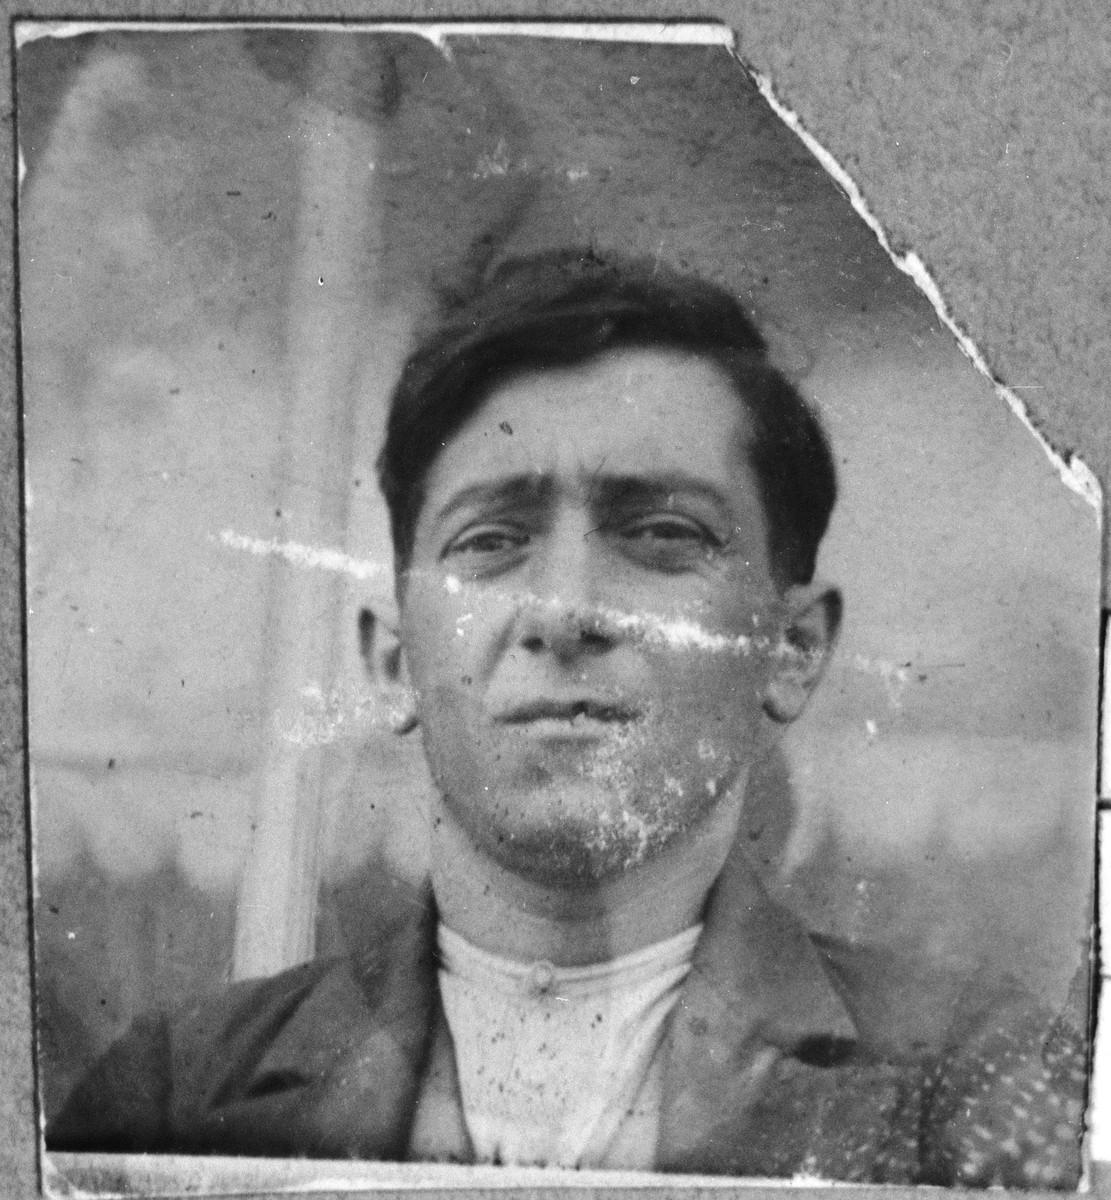 Portrait of Yakov Kassorla, son of Mushon Kassorla.  He lived at Mitrovatska 3-5 in Bitola.